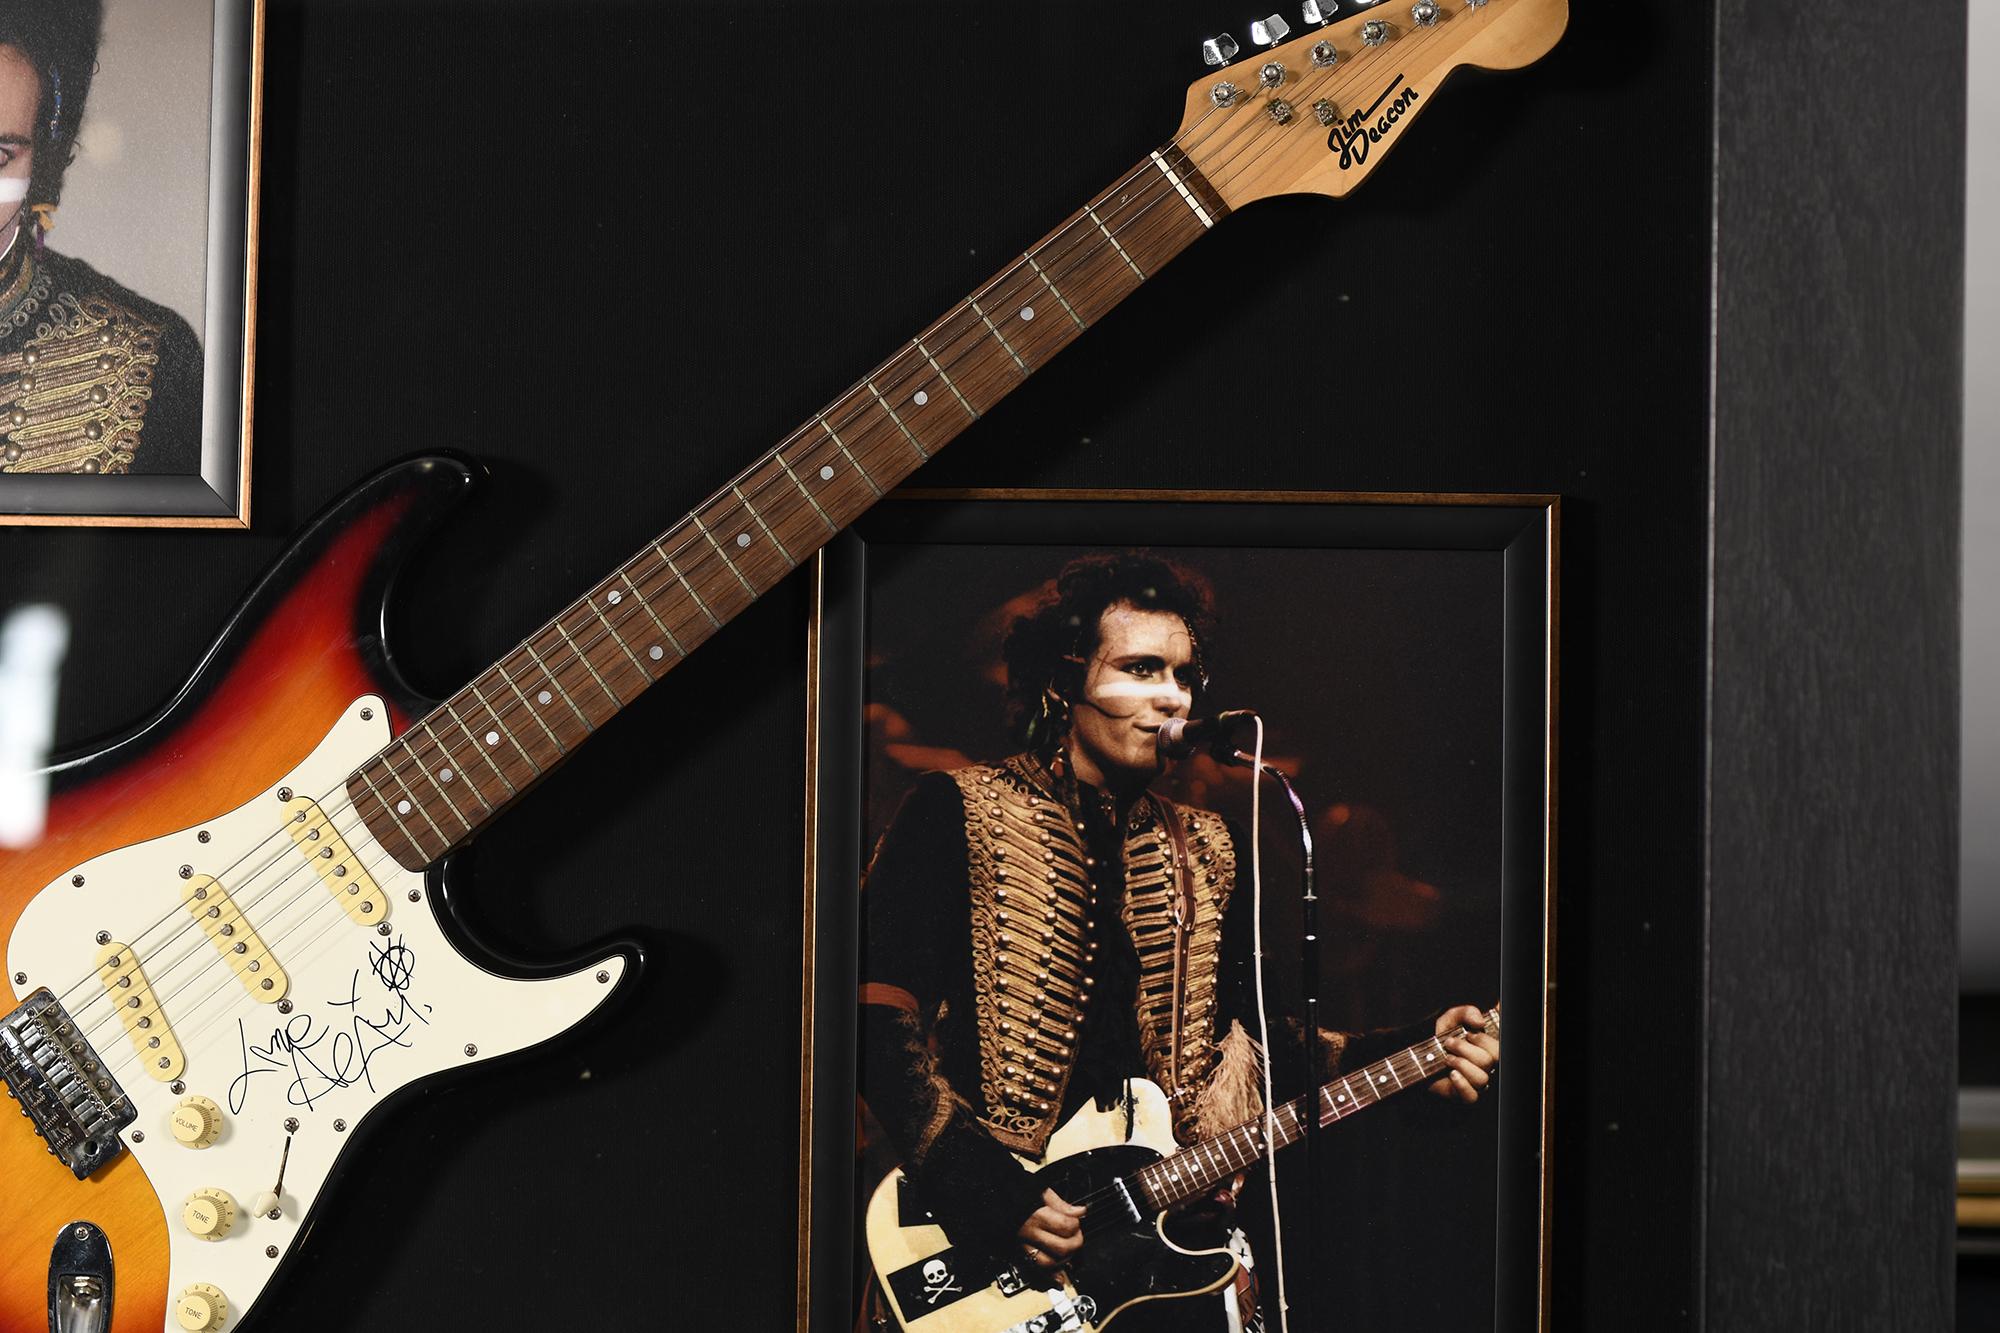 Adam Ant Framed Signed Guitar - Image 4 of 6